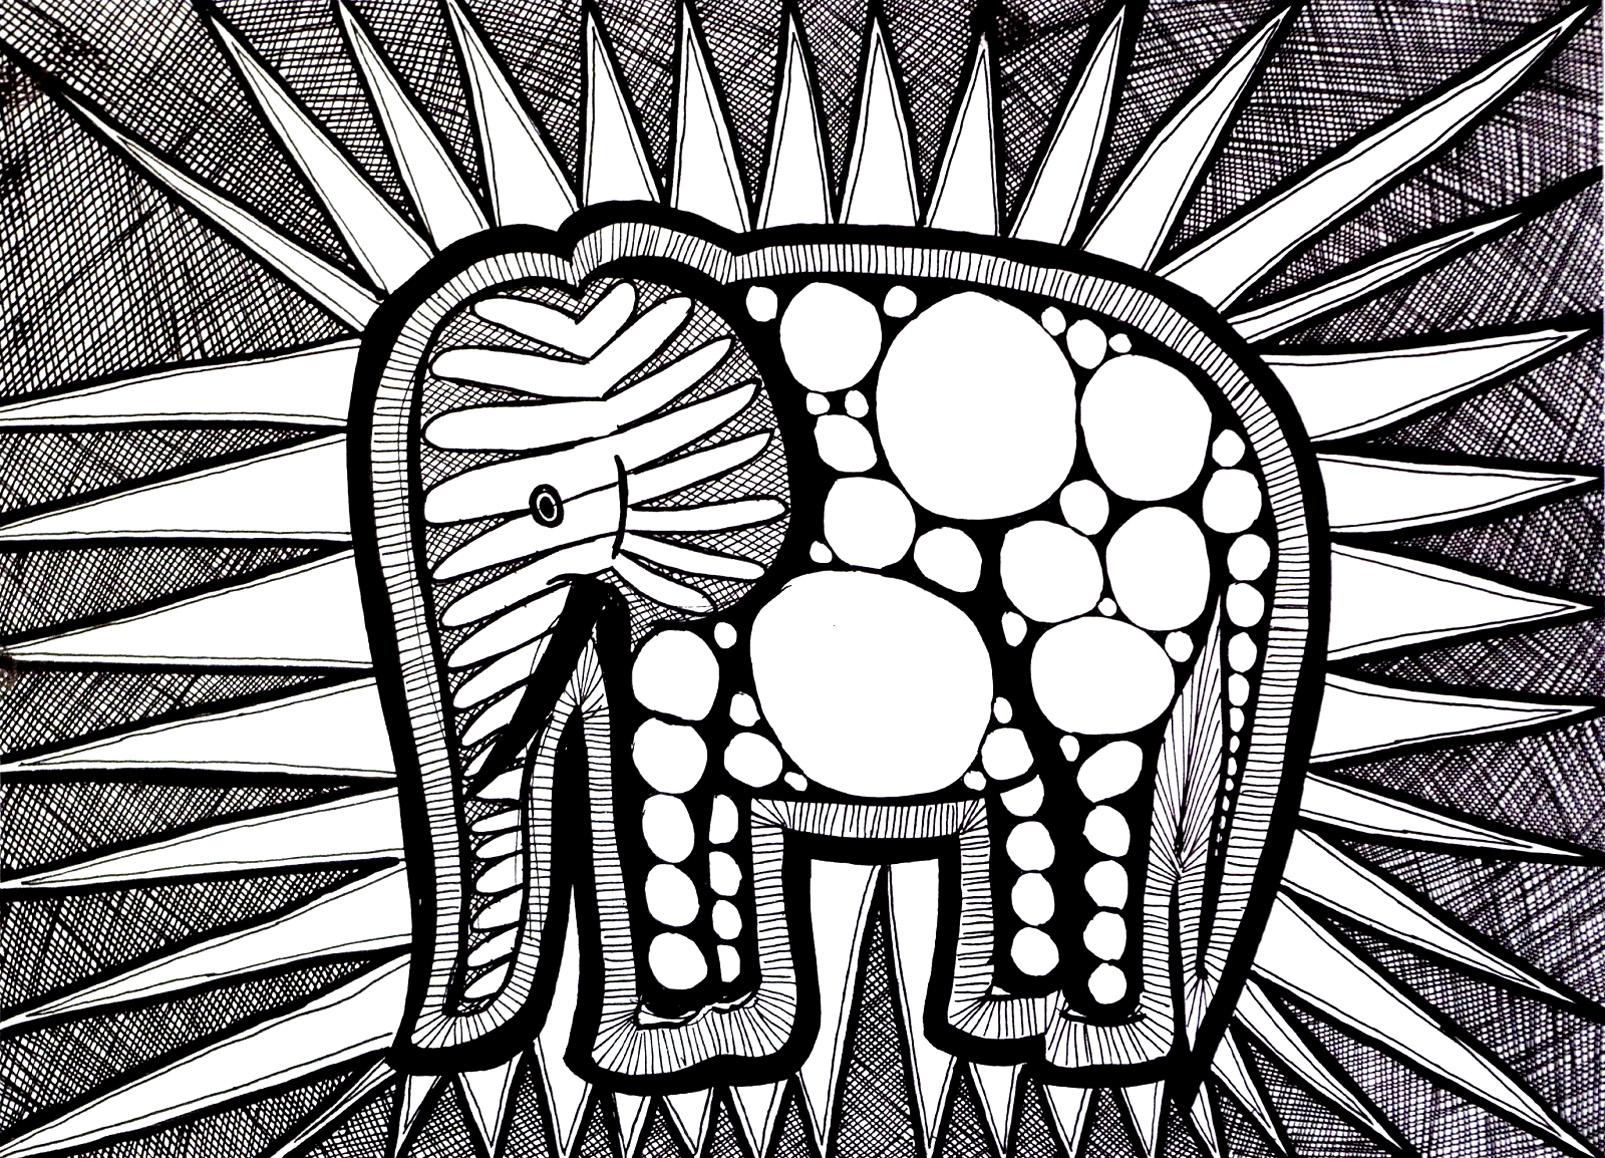 Coloriage adulte difficile d'un éléphant, composé de nombreuses formes et motifs diversifiés. Beaucoup de zones à colorier, avec feutres fins de préférence ! (Source : http://chez-melba.blogspot.com)